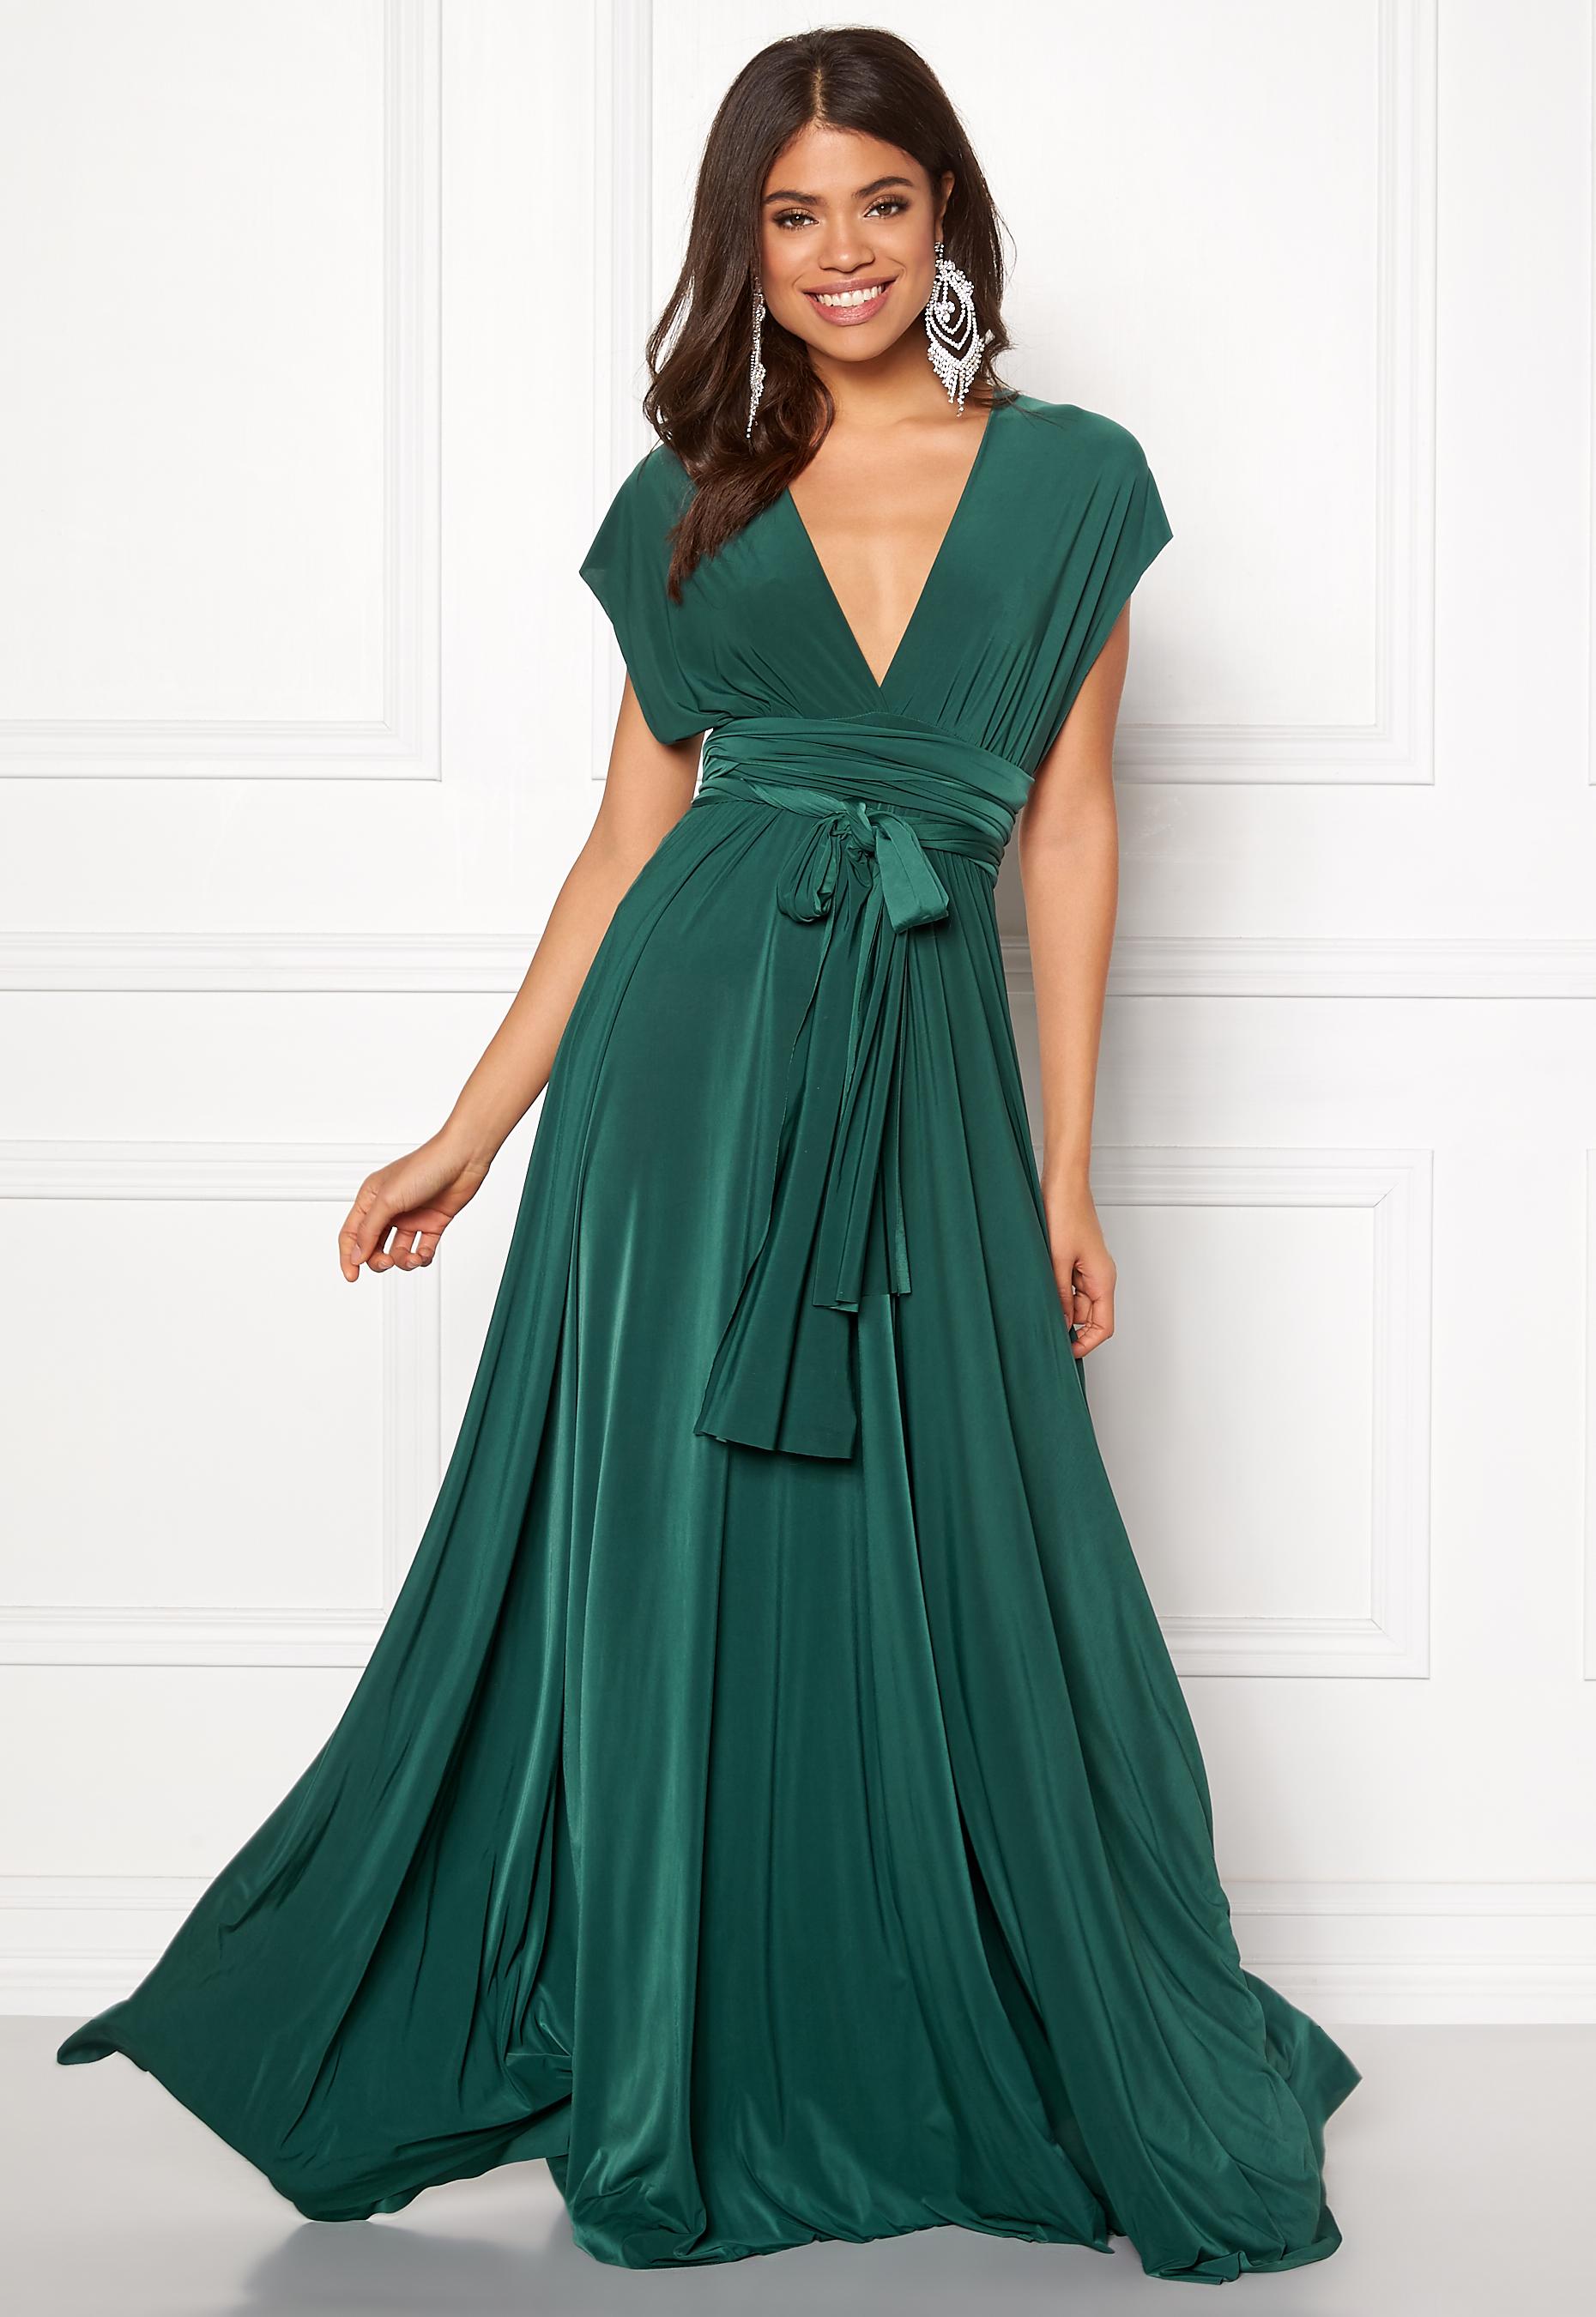 dcfcc277 Goddiva Multi Tie Maxi Dress Green - Bubbleroom